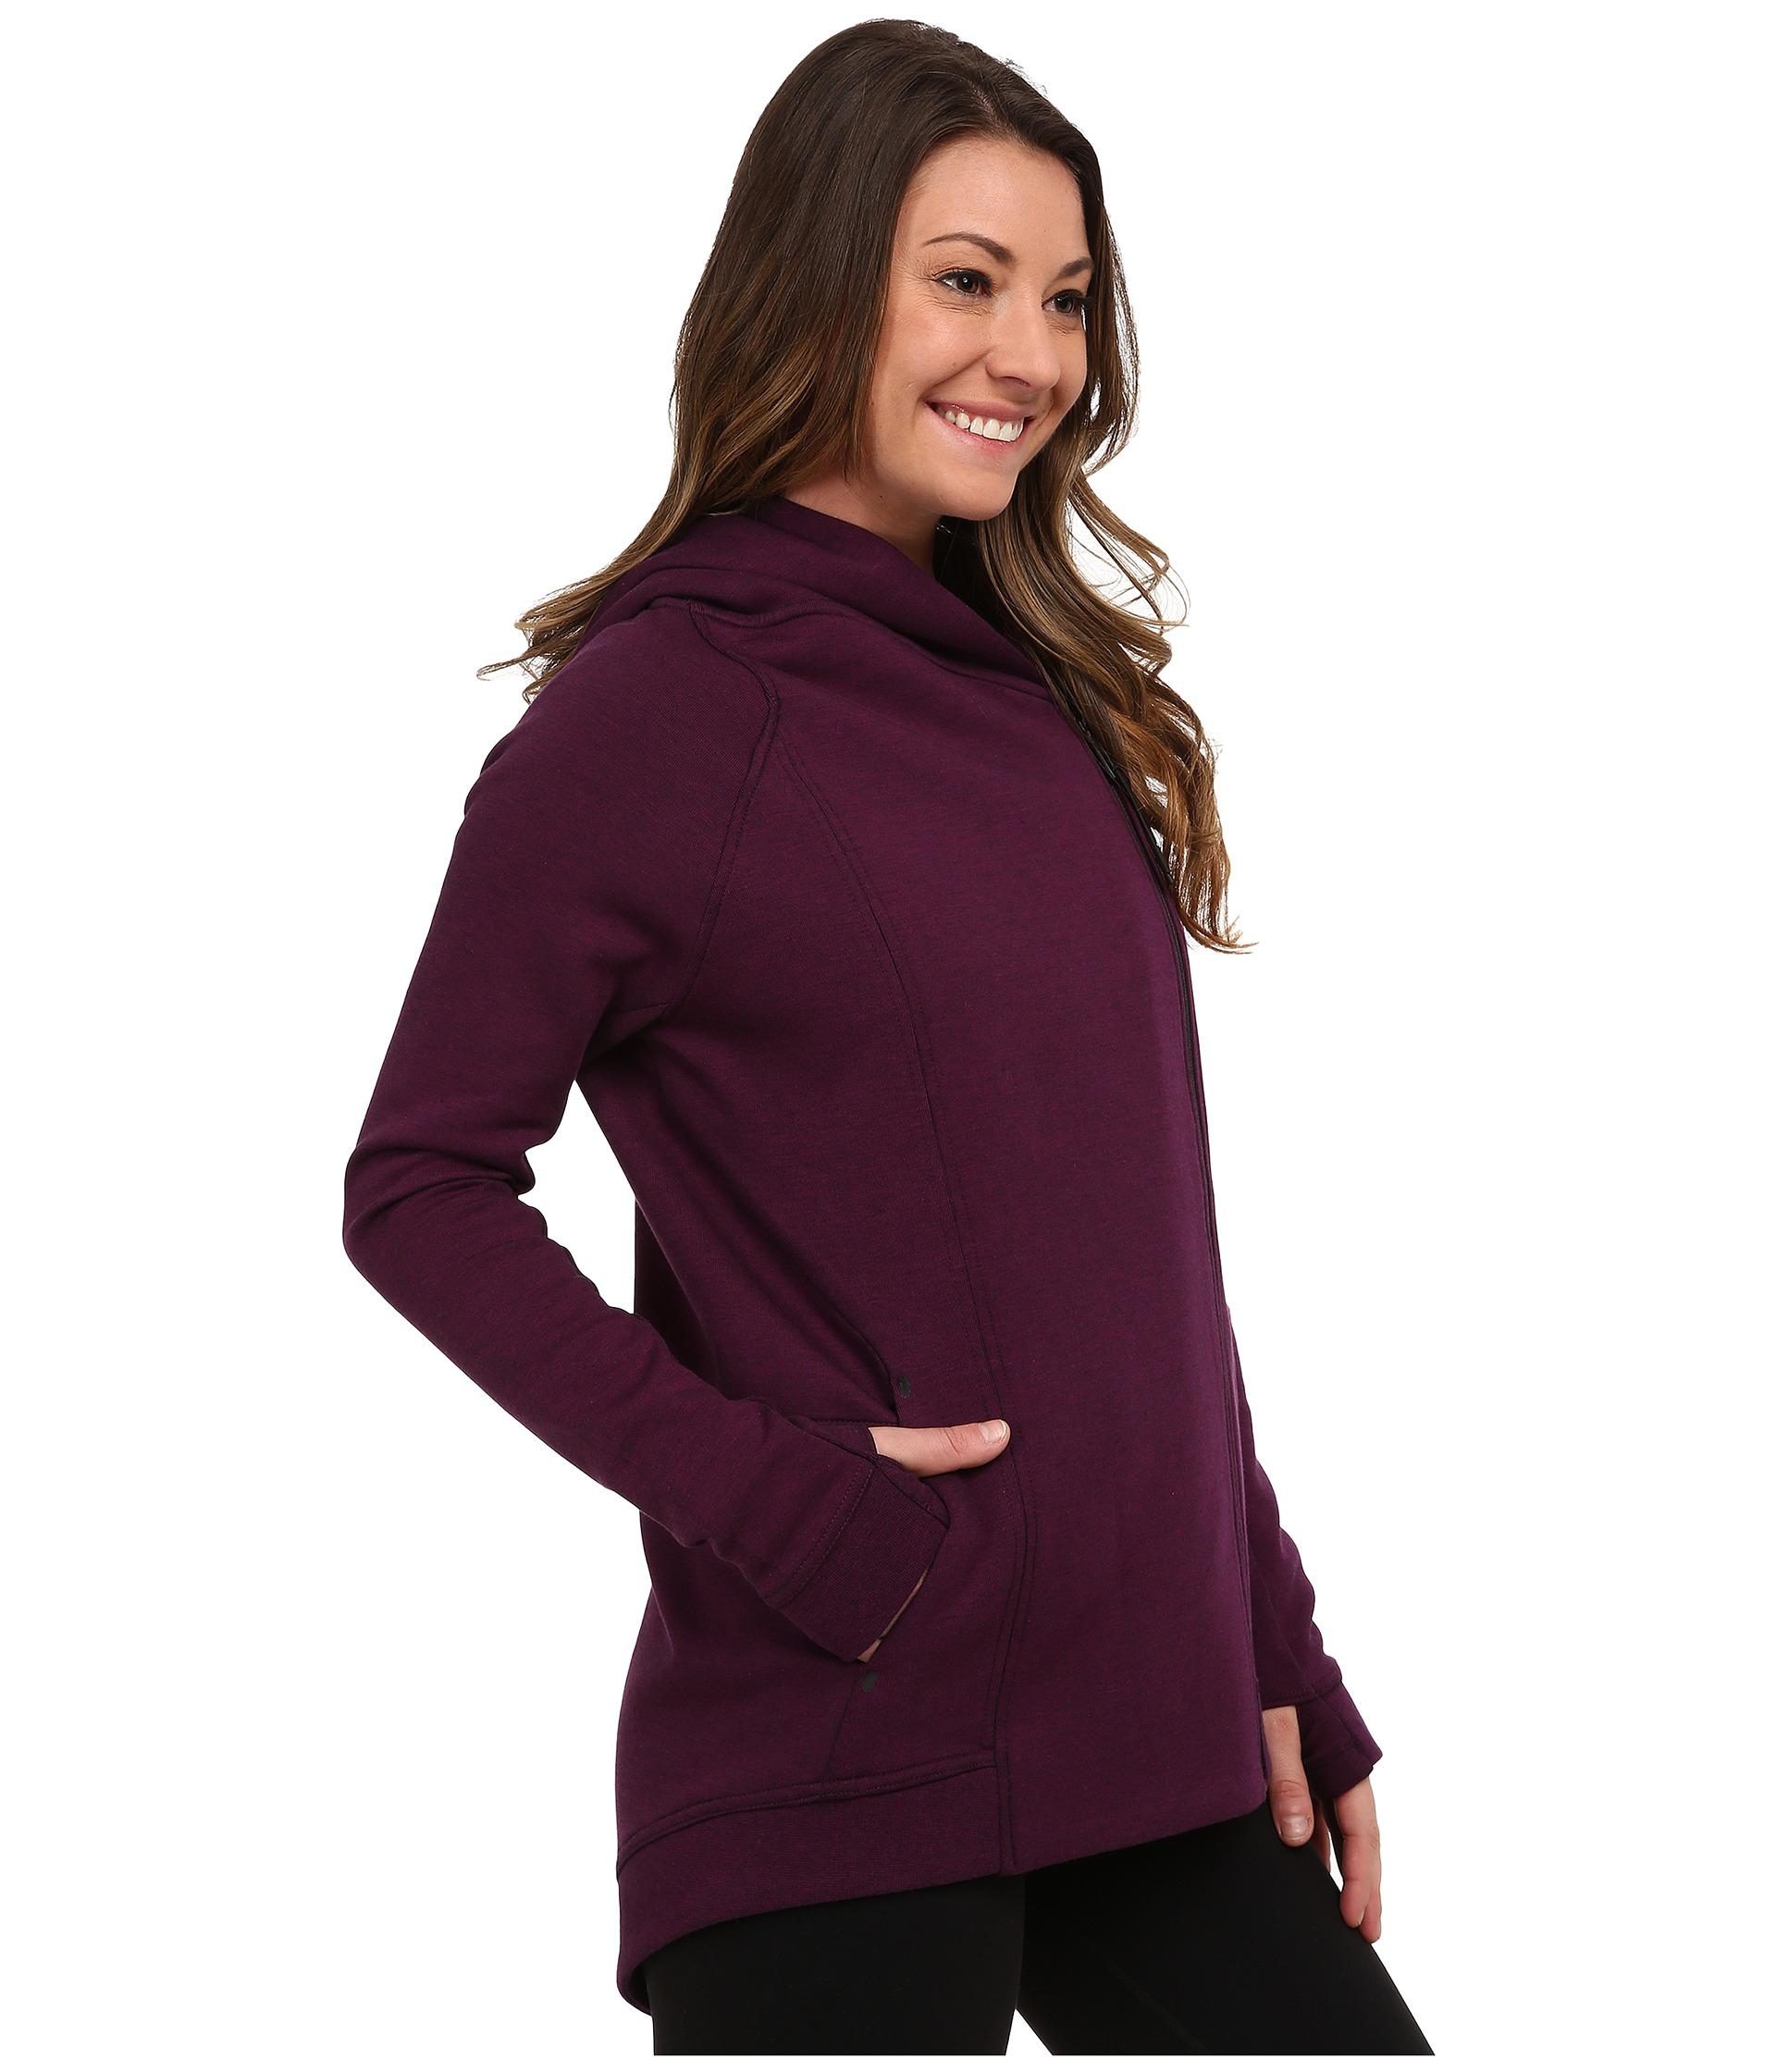 b6311f6782b4 Lyst - Nike Tech Fleece Cape in Purple